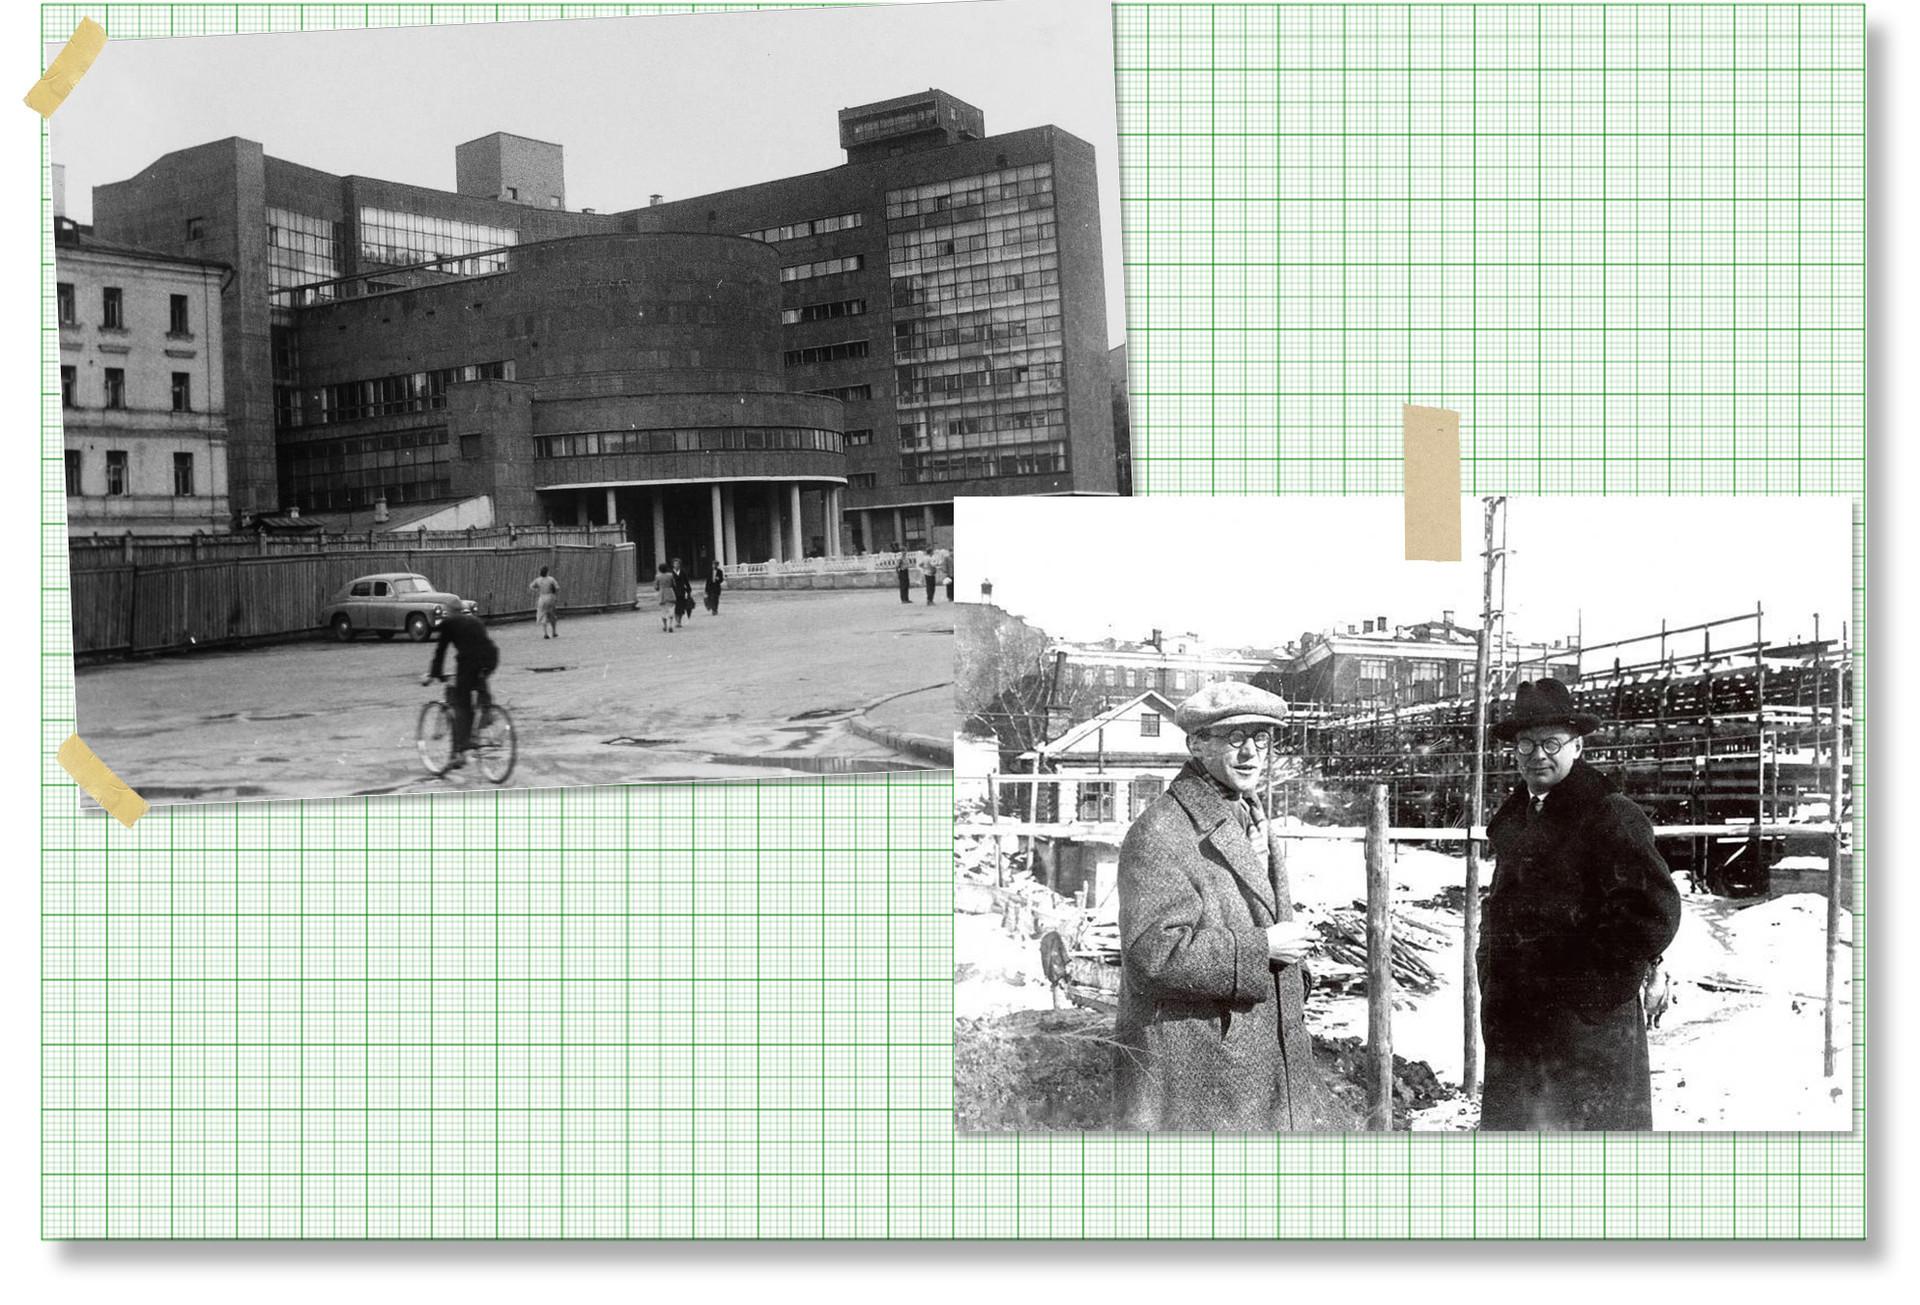 Le Corbusier et Nikolaï Kolli sur le chantier du Centrosoyouz, Moscou, mars 1931.